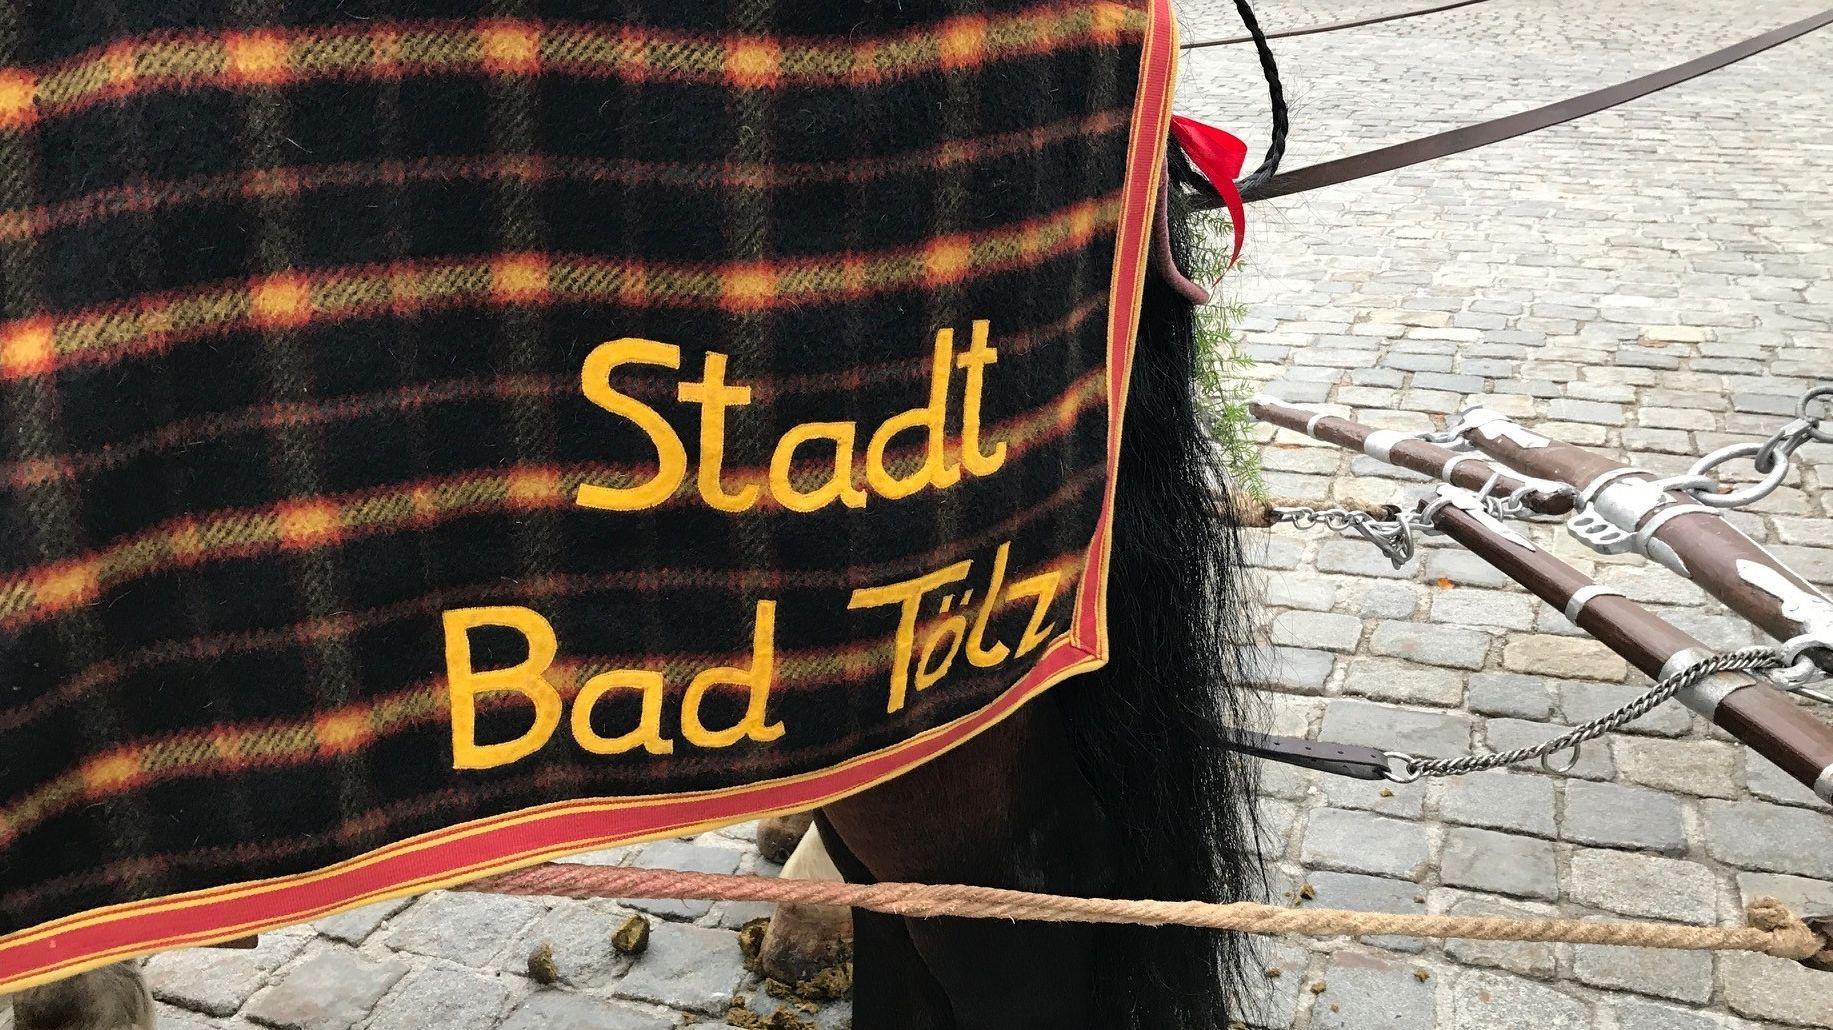 Leonhardifahrt in Bad Tölz